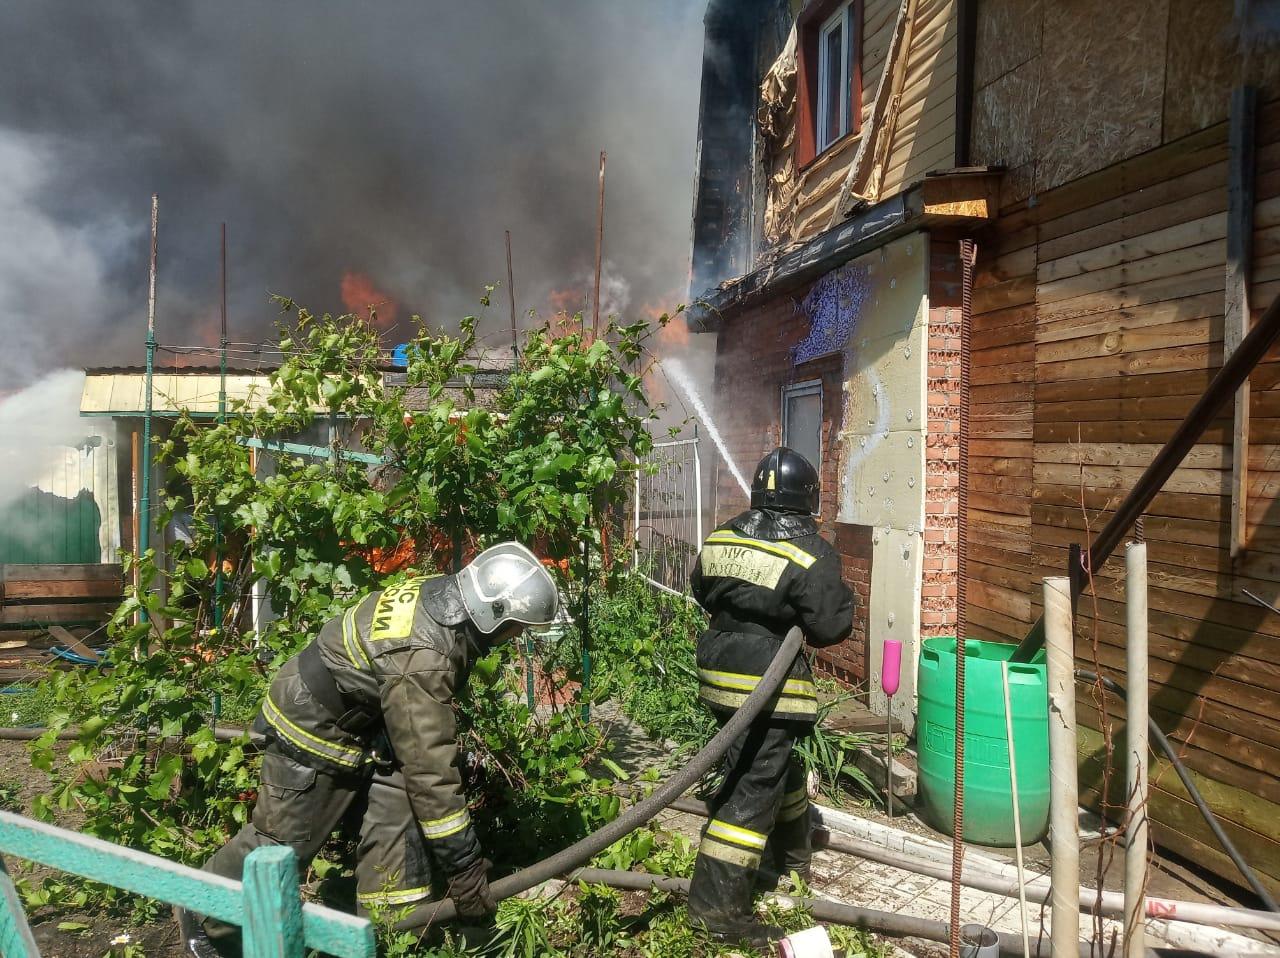 В Омске 35 пожарных тушат 3 частных дома #Новости #Общество #Омск